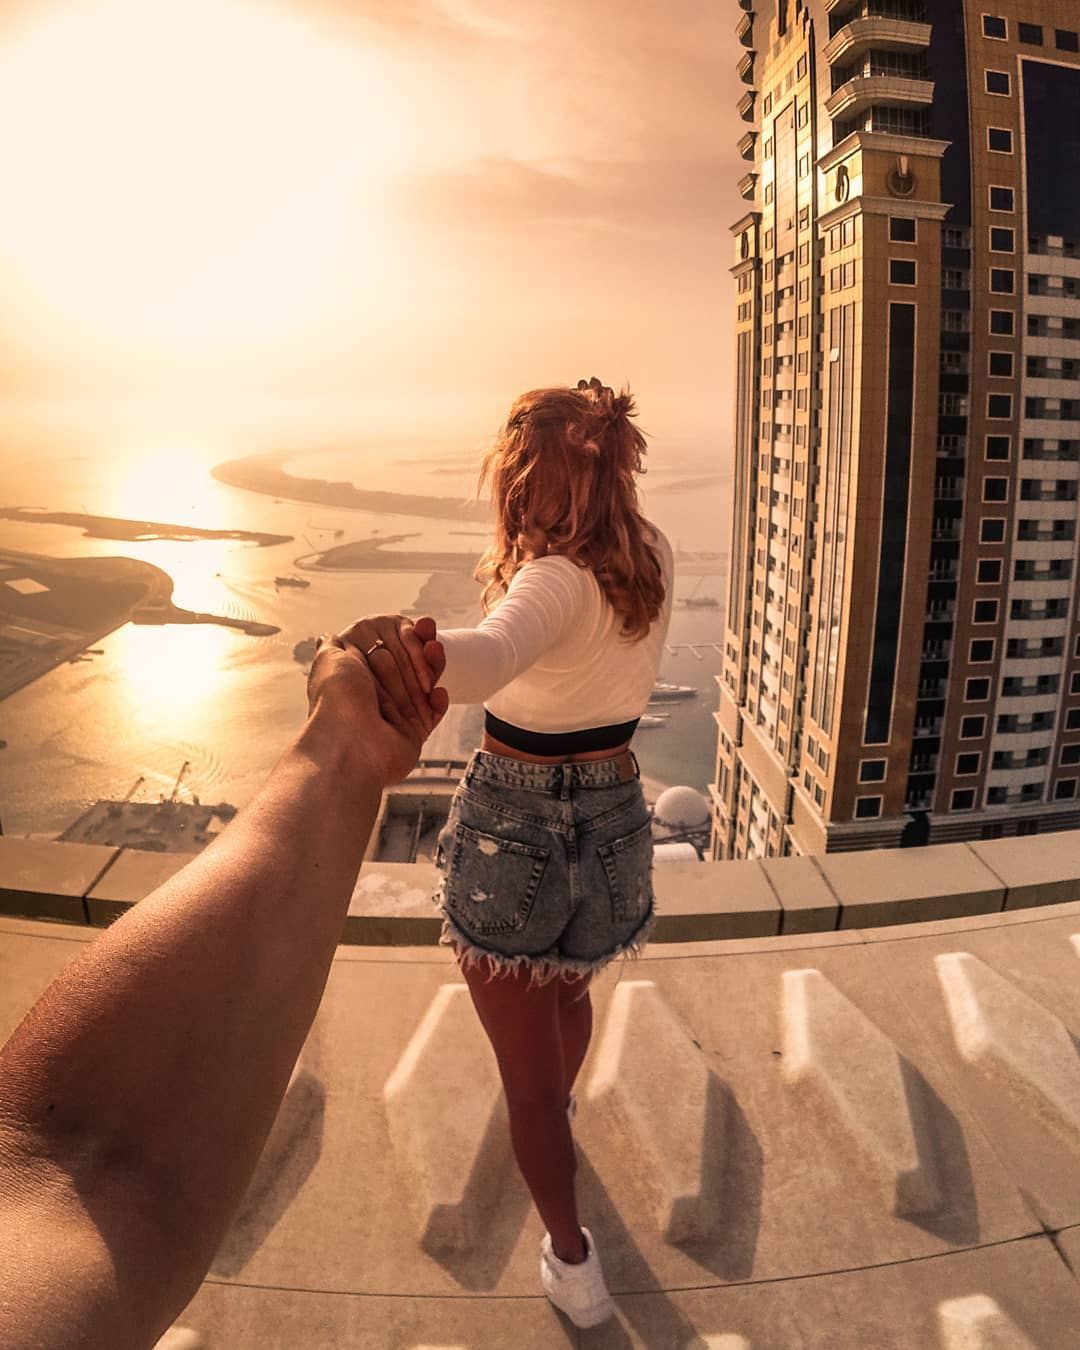 Dit zijn de mooiste 'rooftop'-uitzichten op Instagram - I'm Feeling Good 1